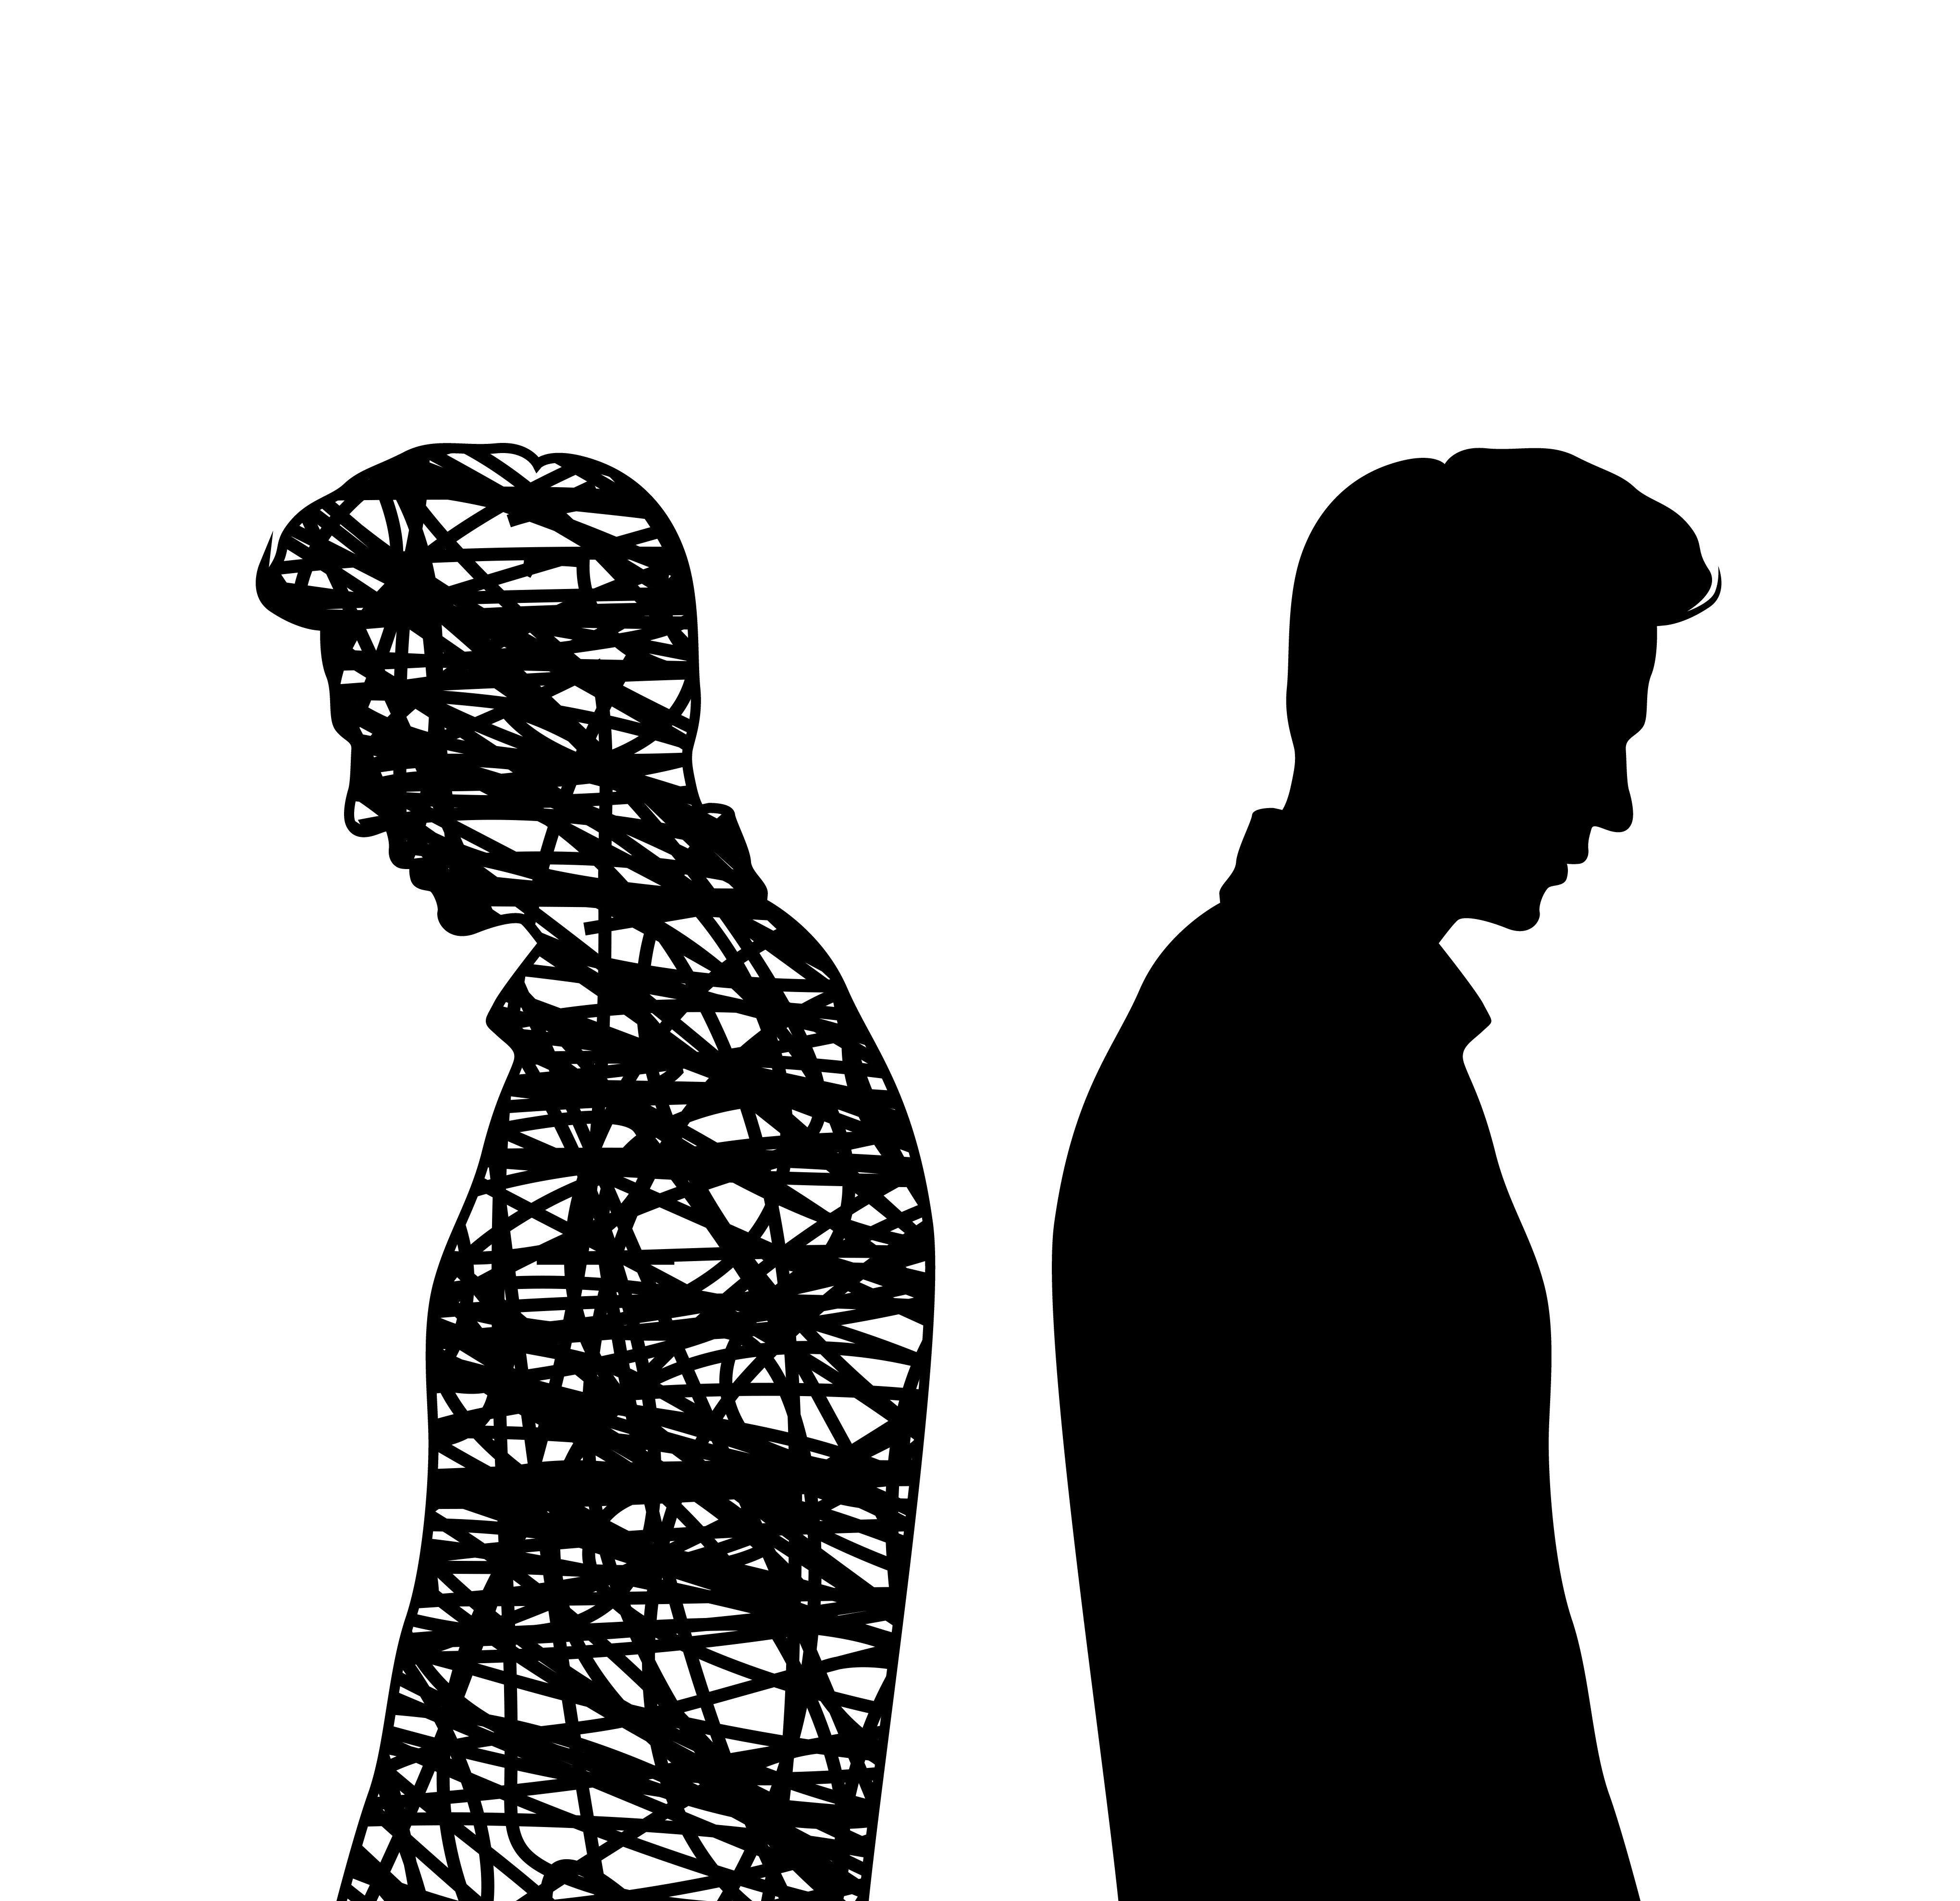 20대 남성의 상대적 박탈감, 단지 '인식' 문제가